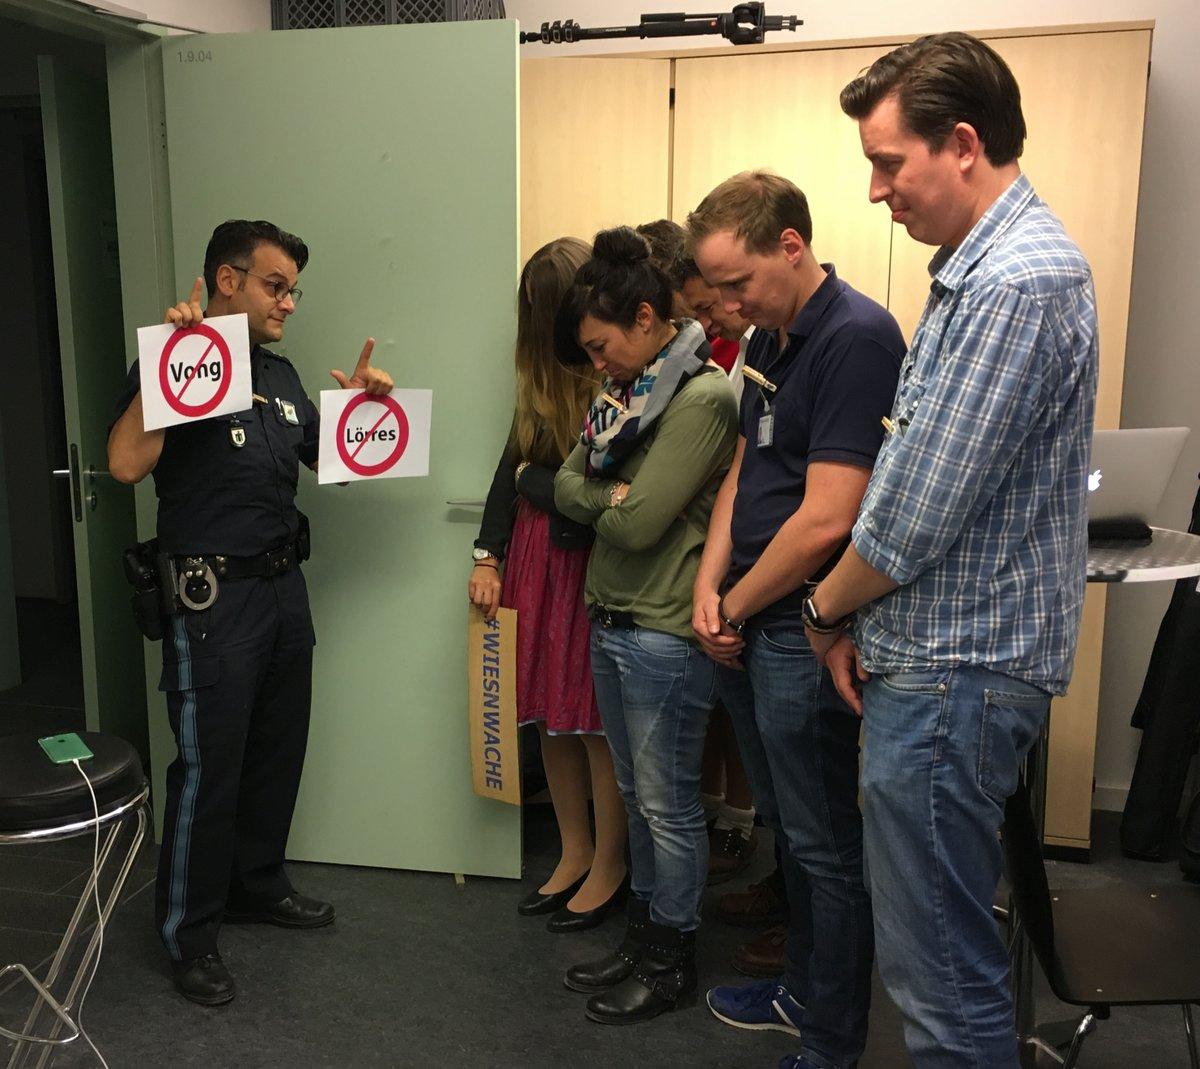 Wiesnwache Sozial Media Crew erhält Rüffel vom Chef Quelle Foto Polizei München